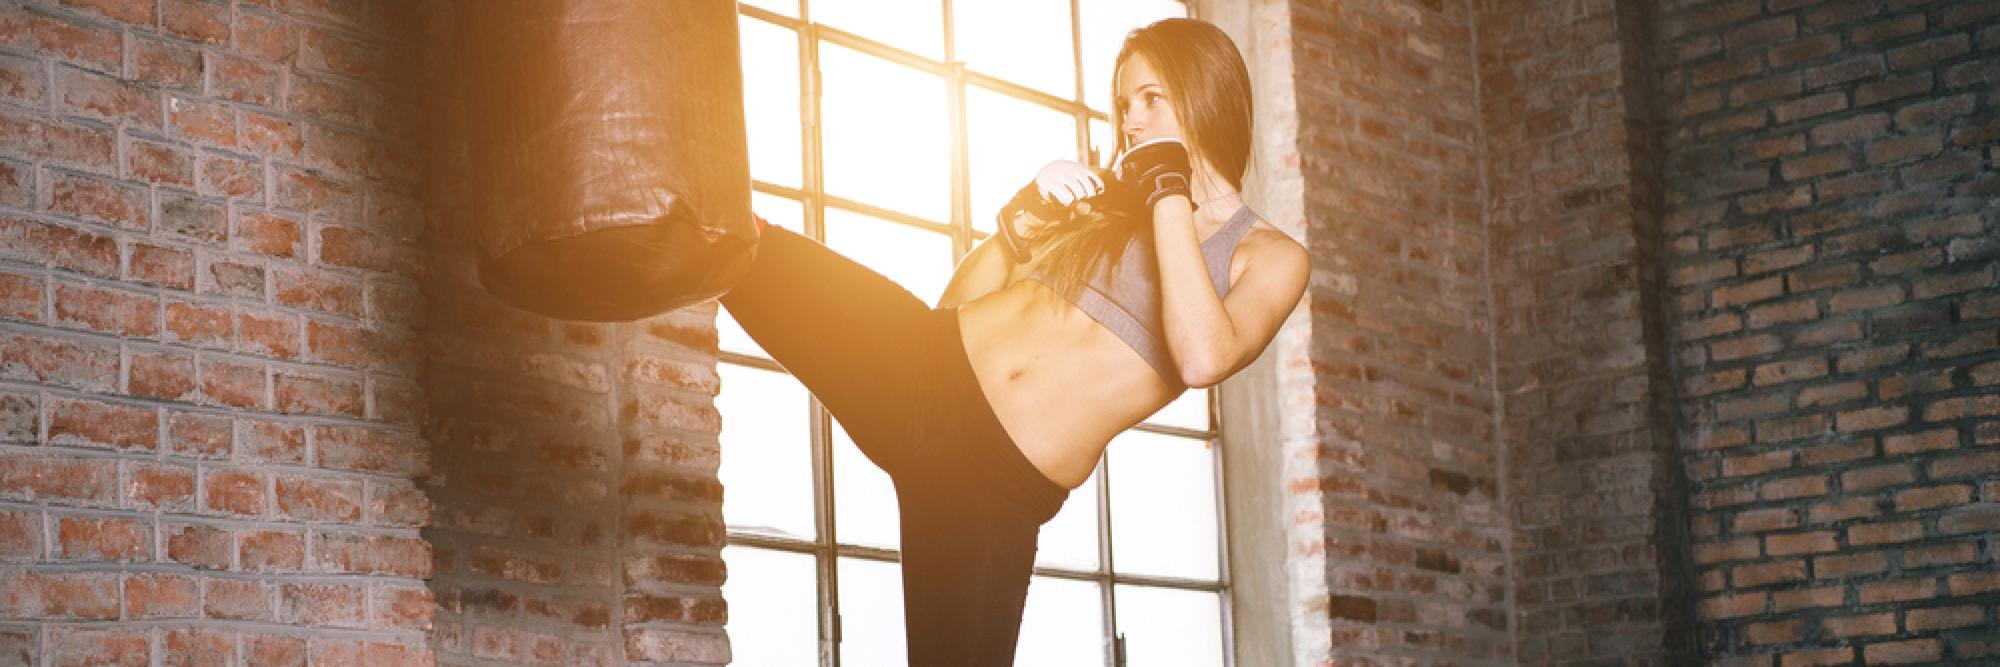 Kickboxen für Anfänger